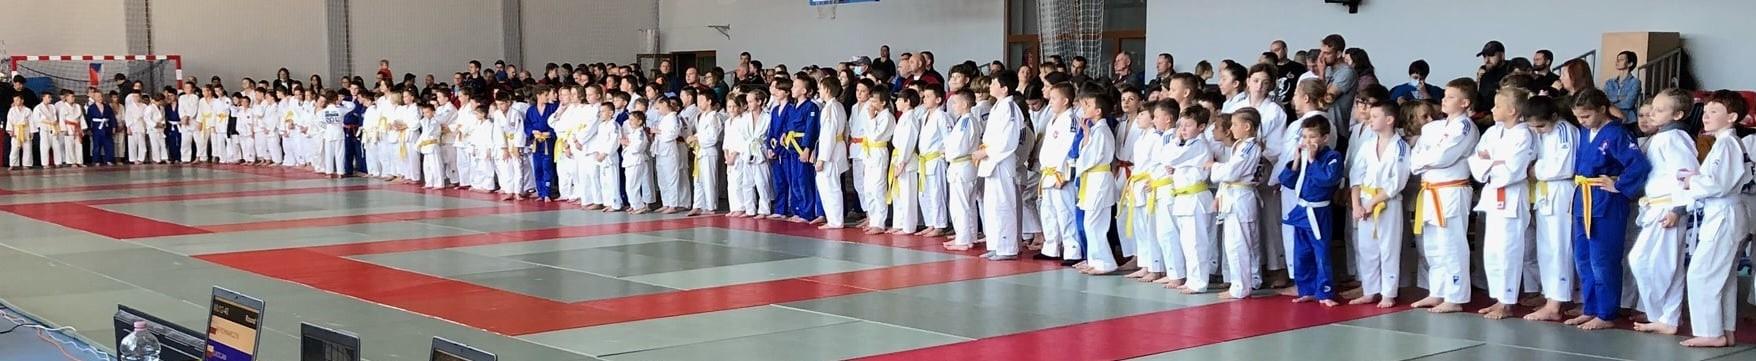 18 medali MOSiR Bochnia na XXIV Międzynarodowym Turnieju Judo w Zakopanem